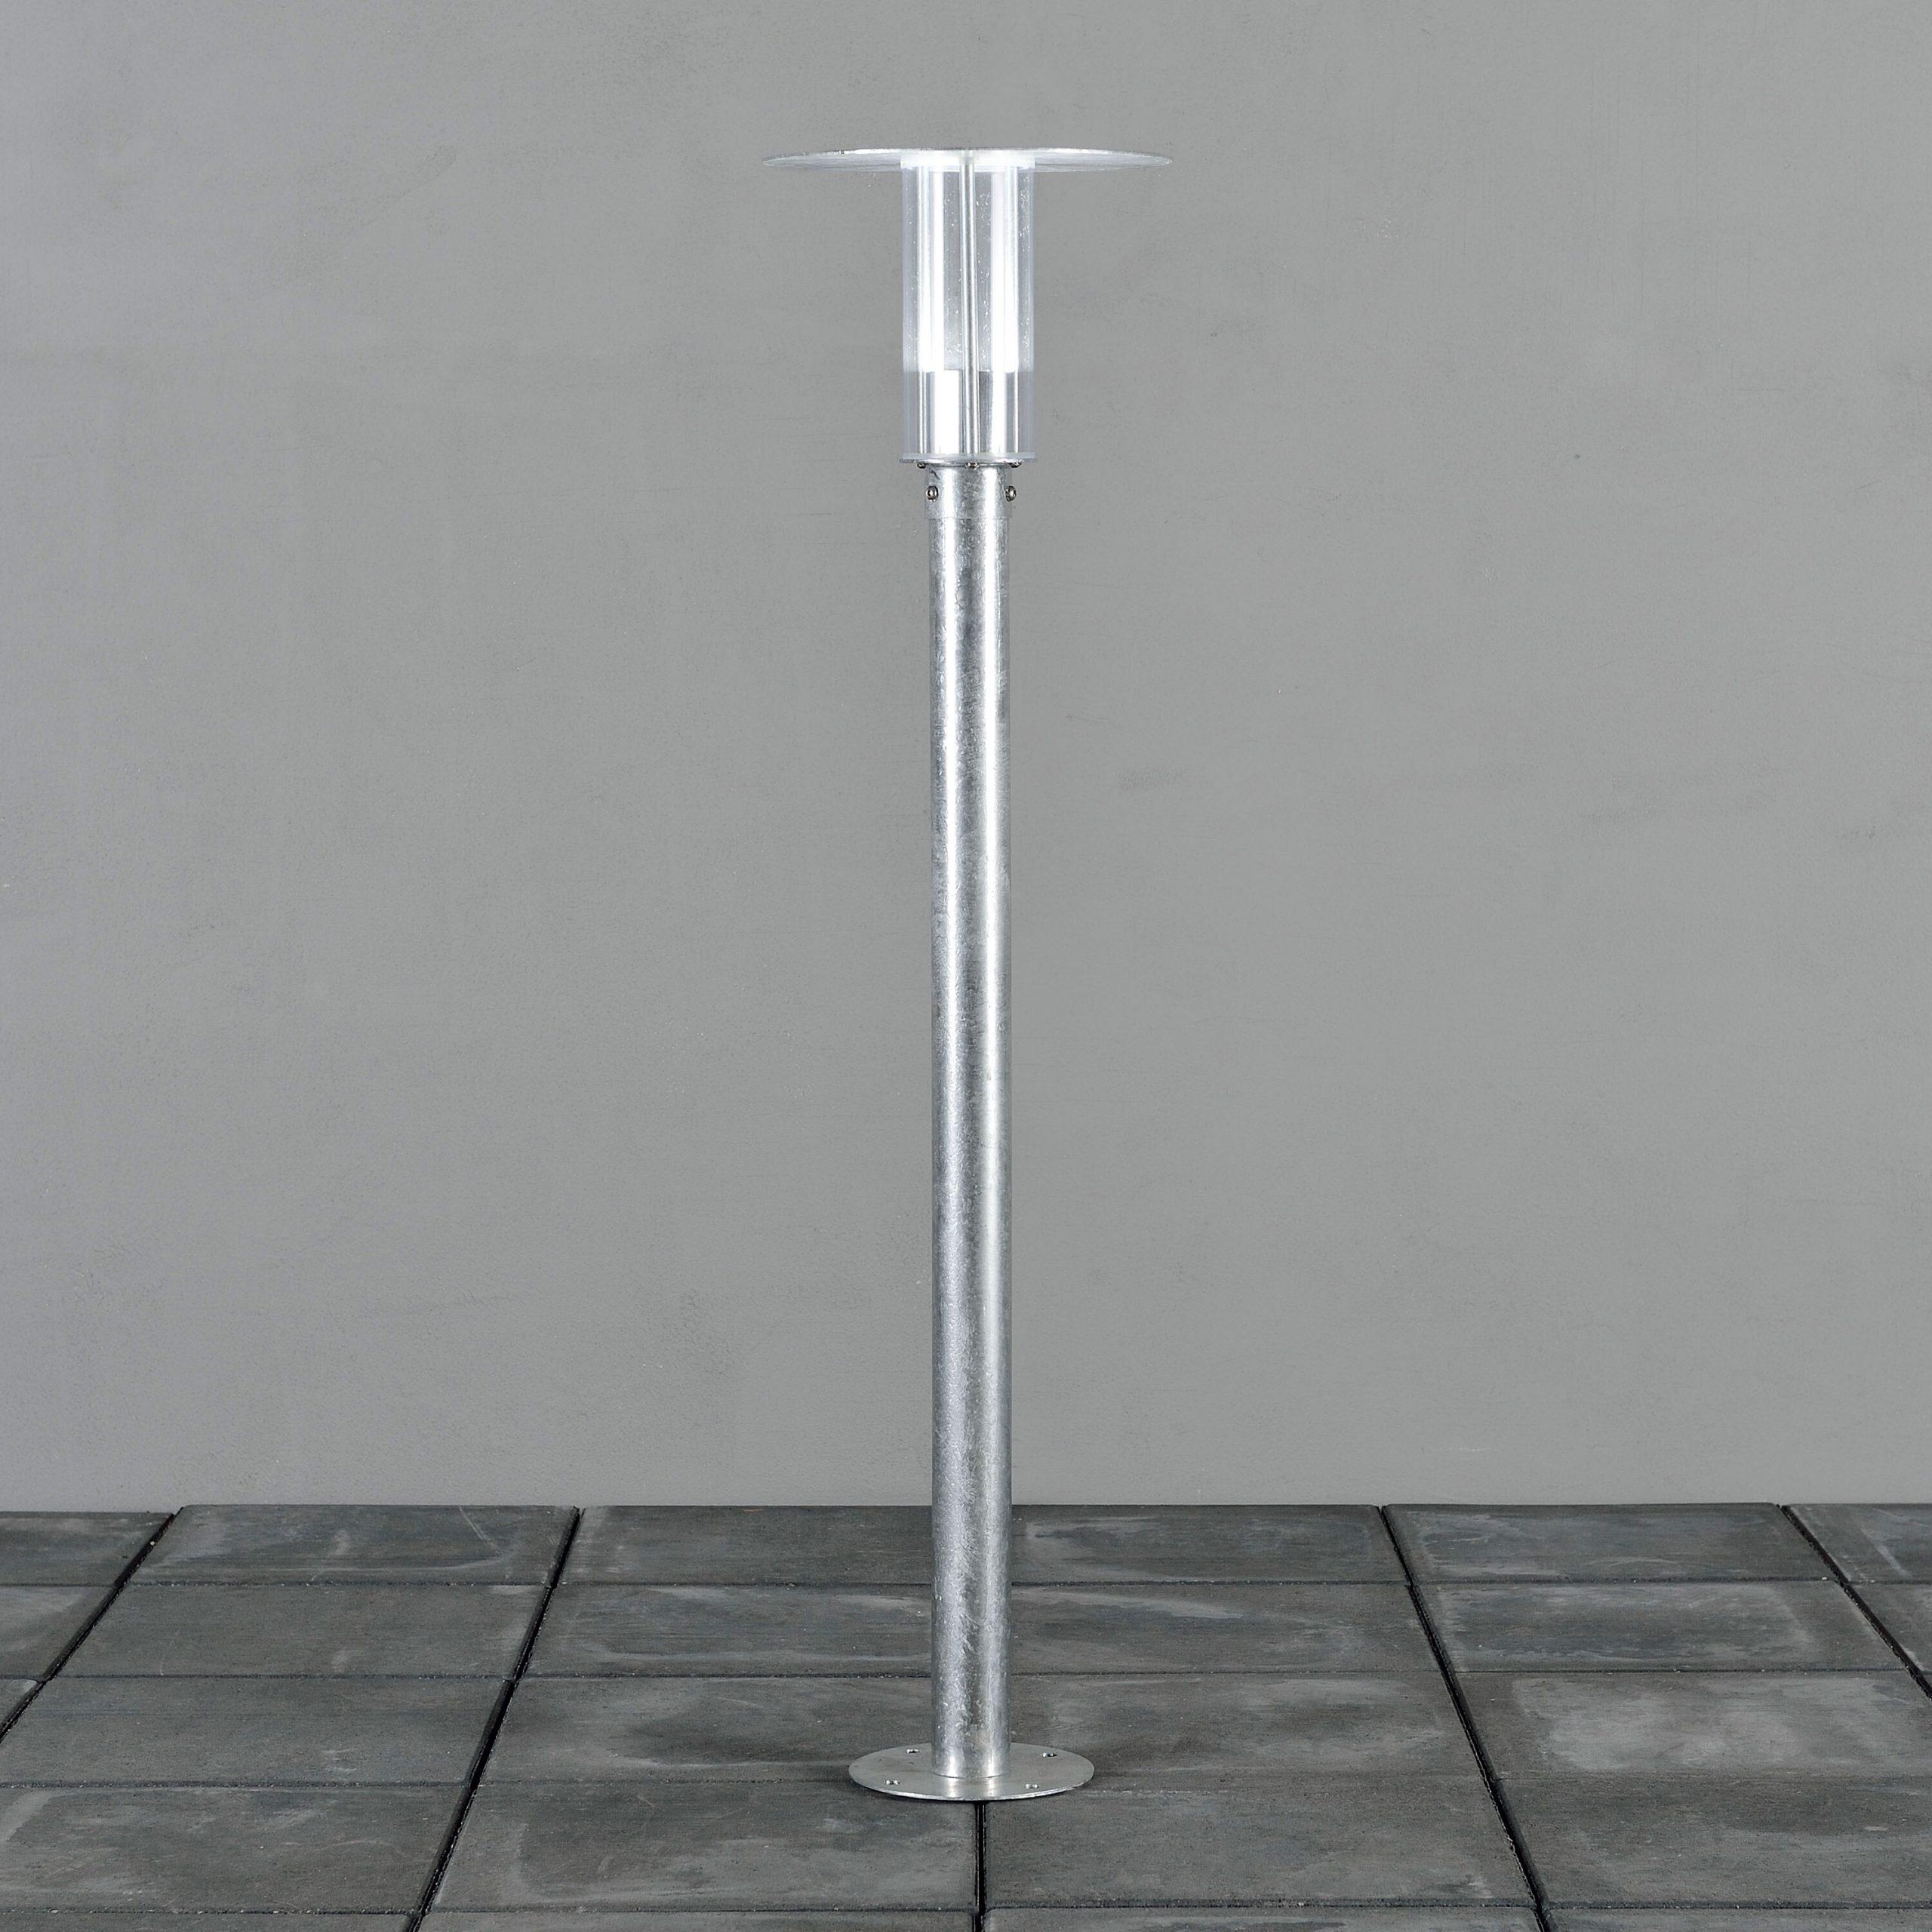 Konstsmide Buitenlamp 'Mode' Staande lamp, 111cm hoog, PowerLED 1 x 8W / 230V | Konstsmide